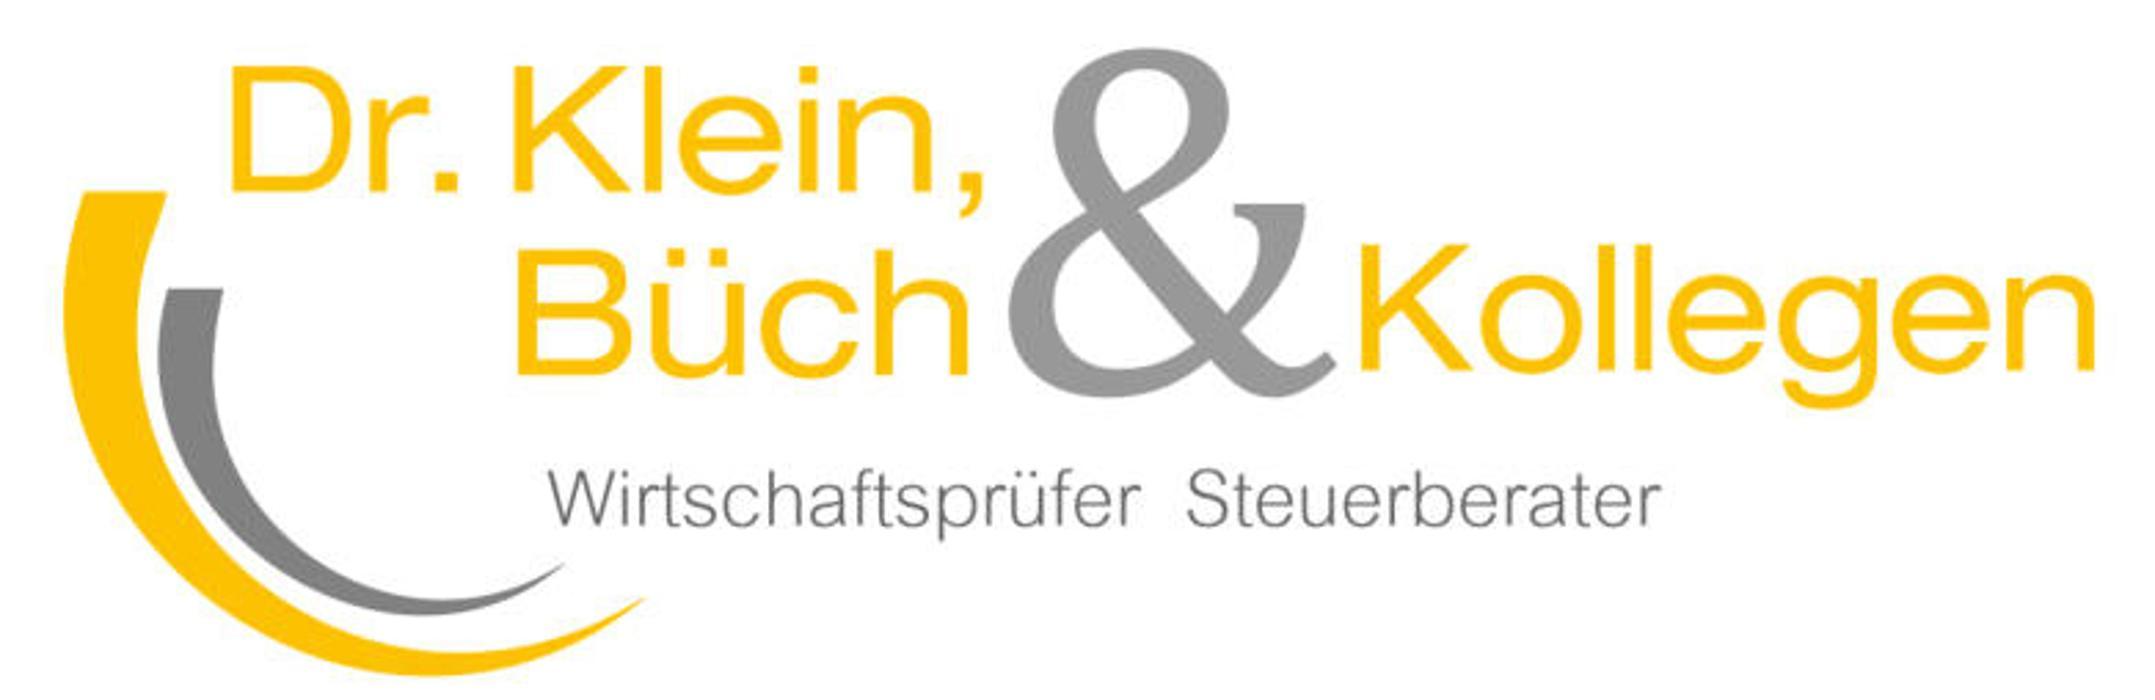 Bild zu Dr. Klein, Büch und Kollegen in Saarbrücken